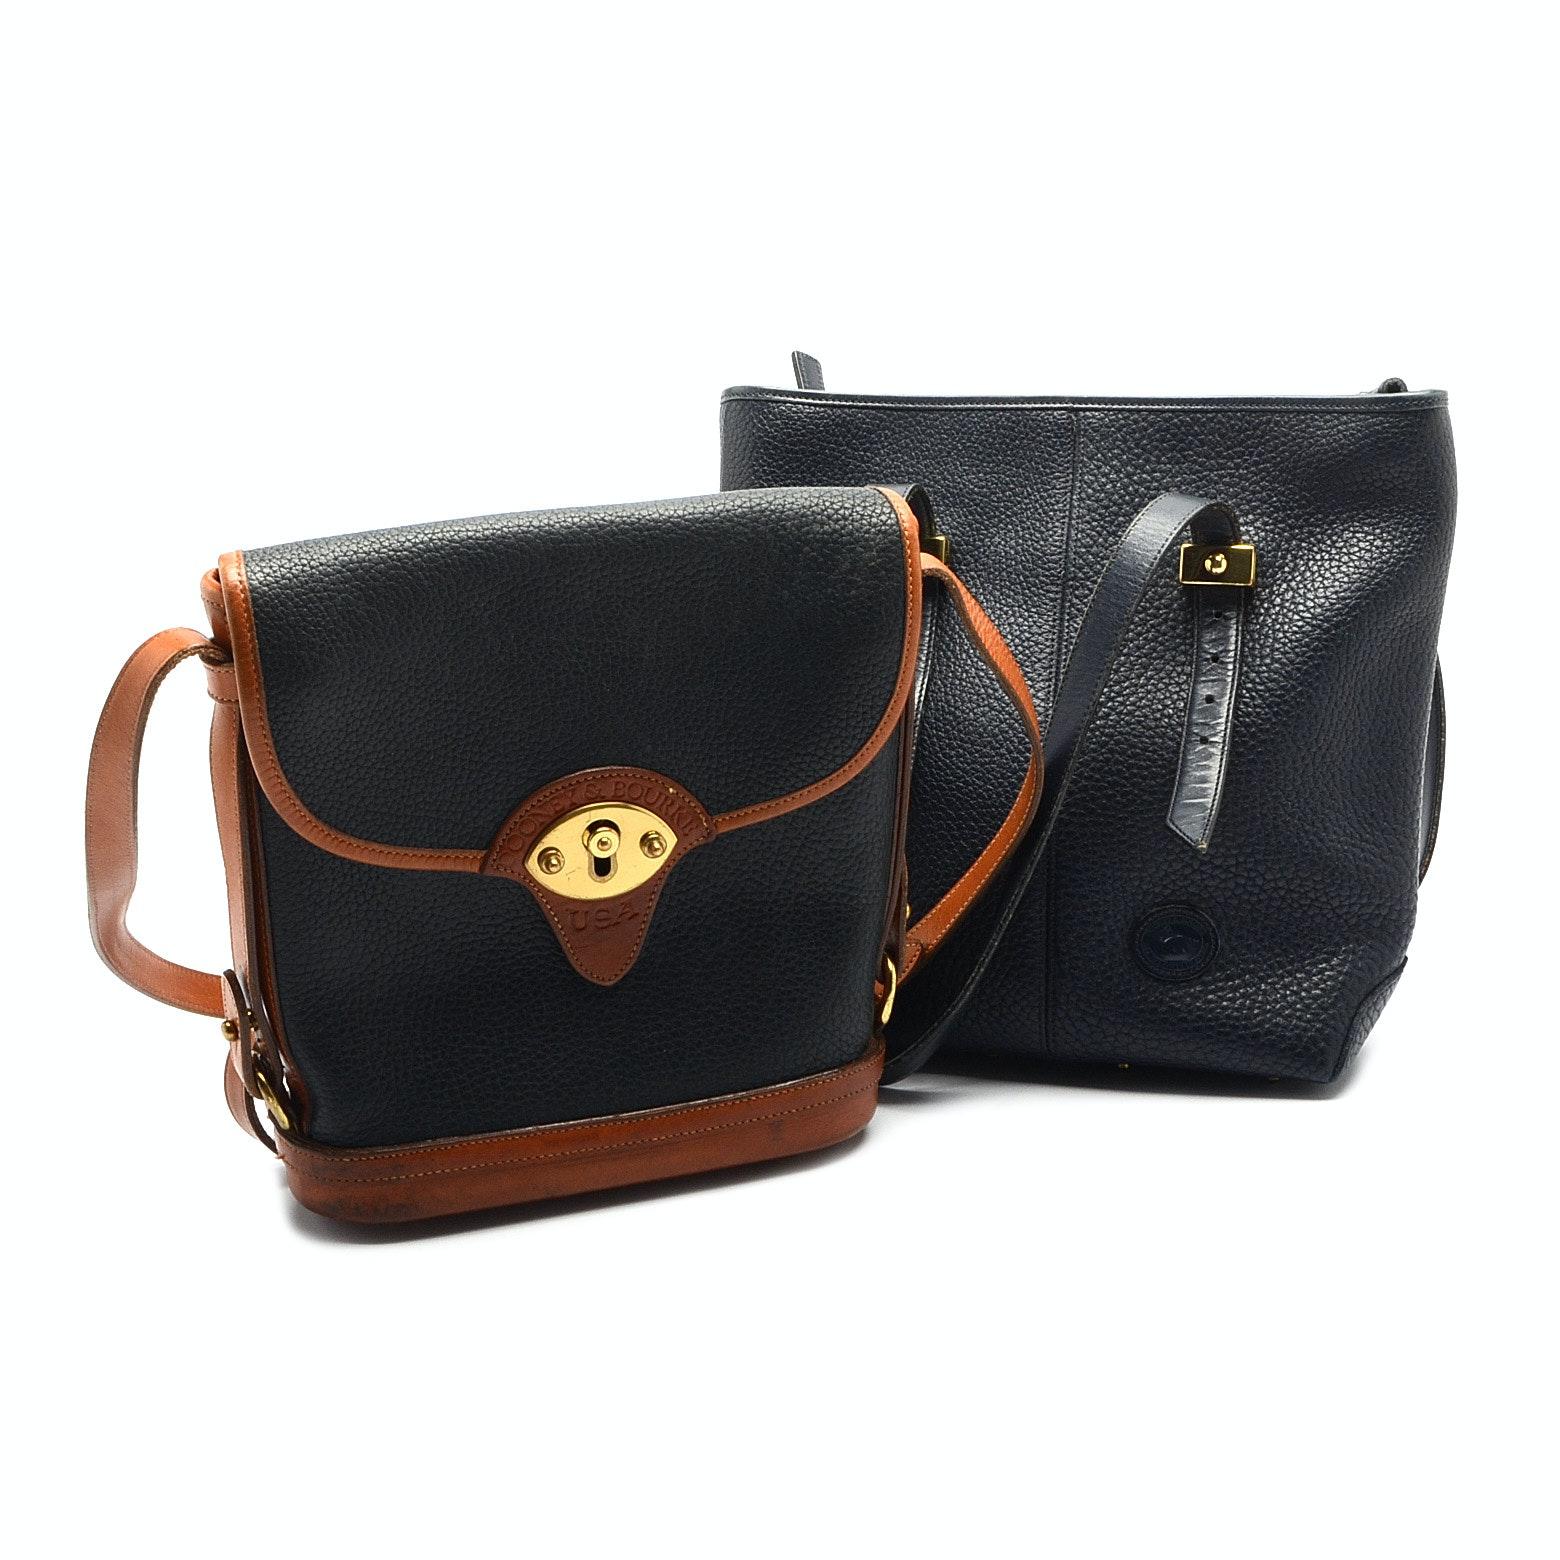 Dooney & Bourke Leather Handbags